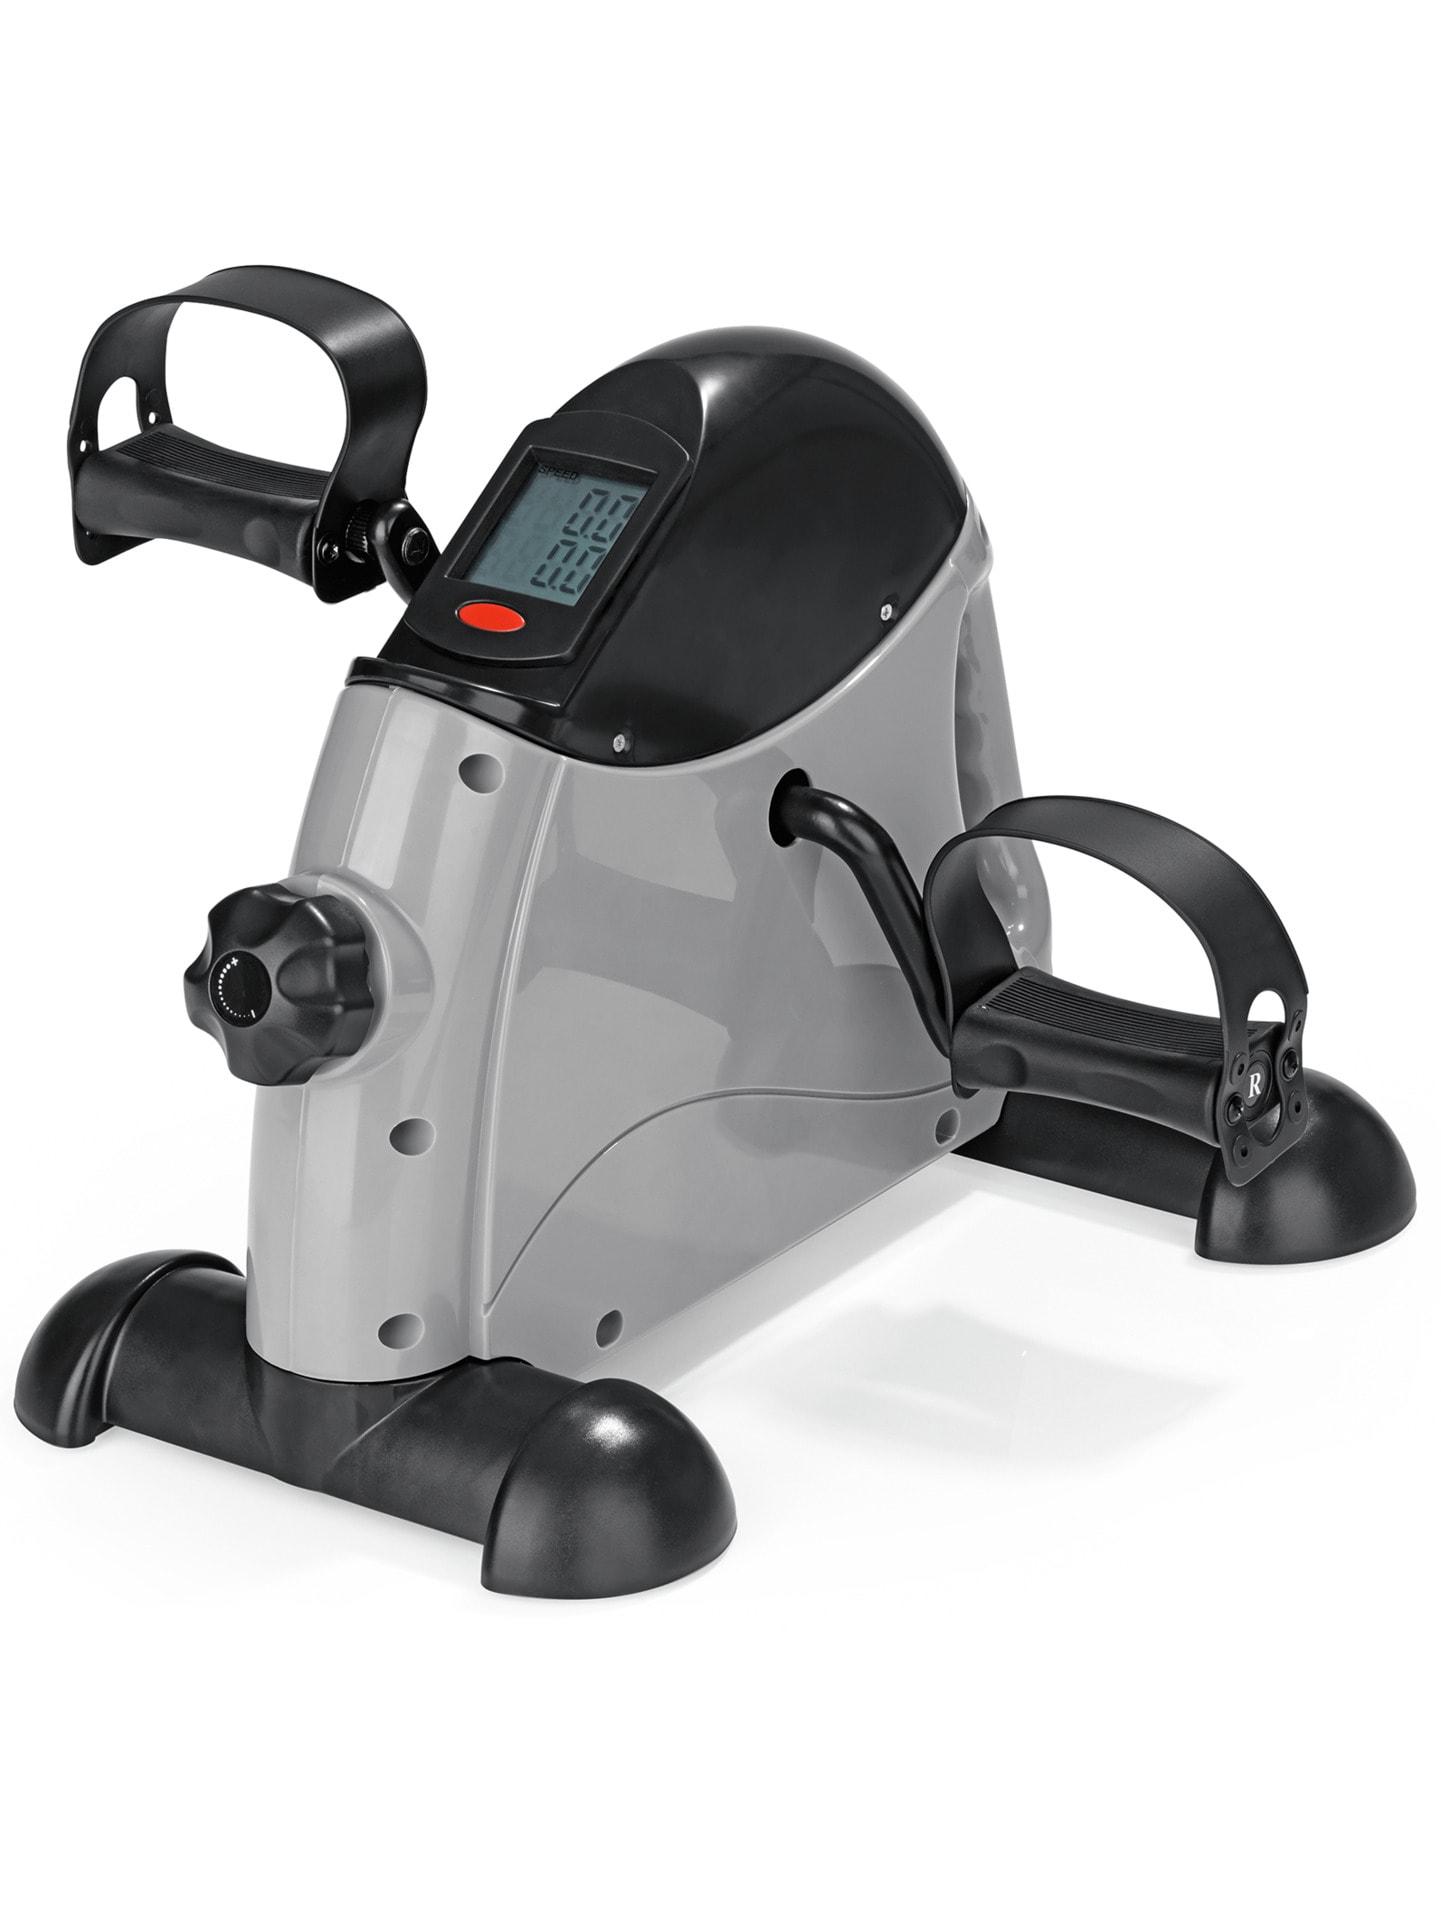 Avena Herren 2in1 Mini-Heimtrainer Grau 61-0909-7